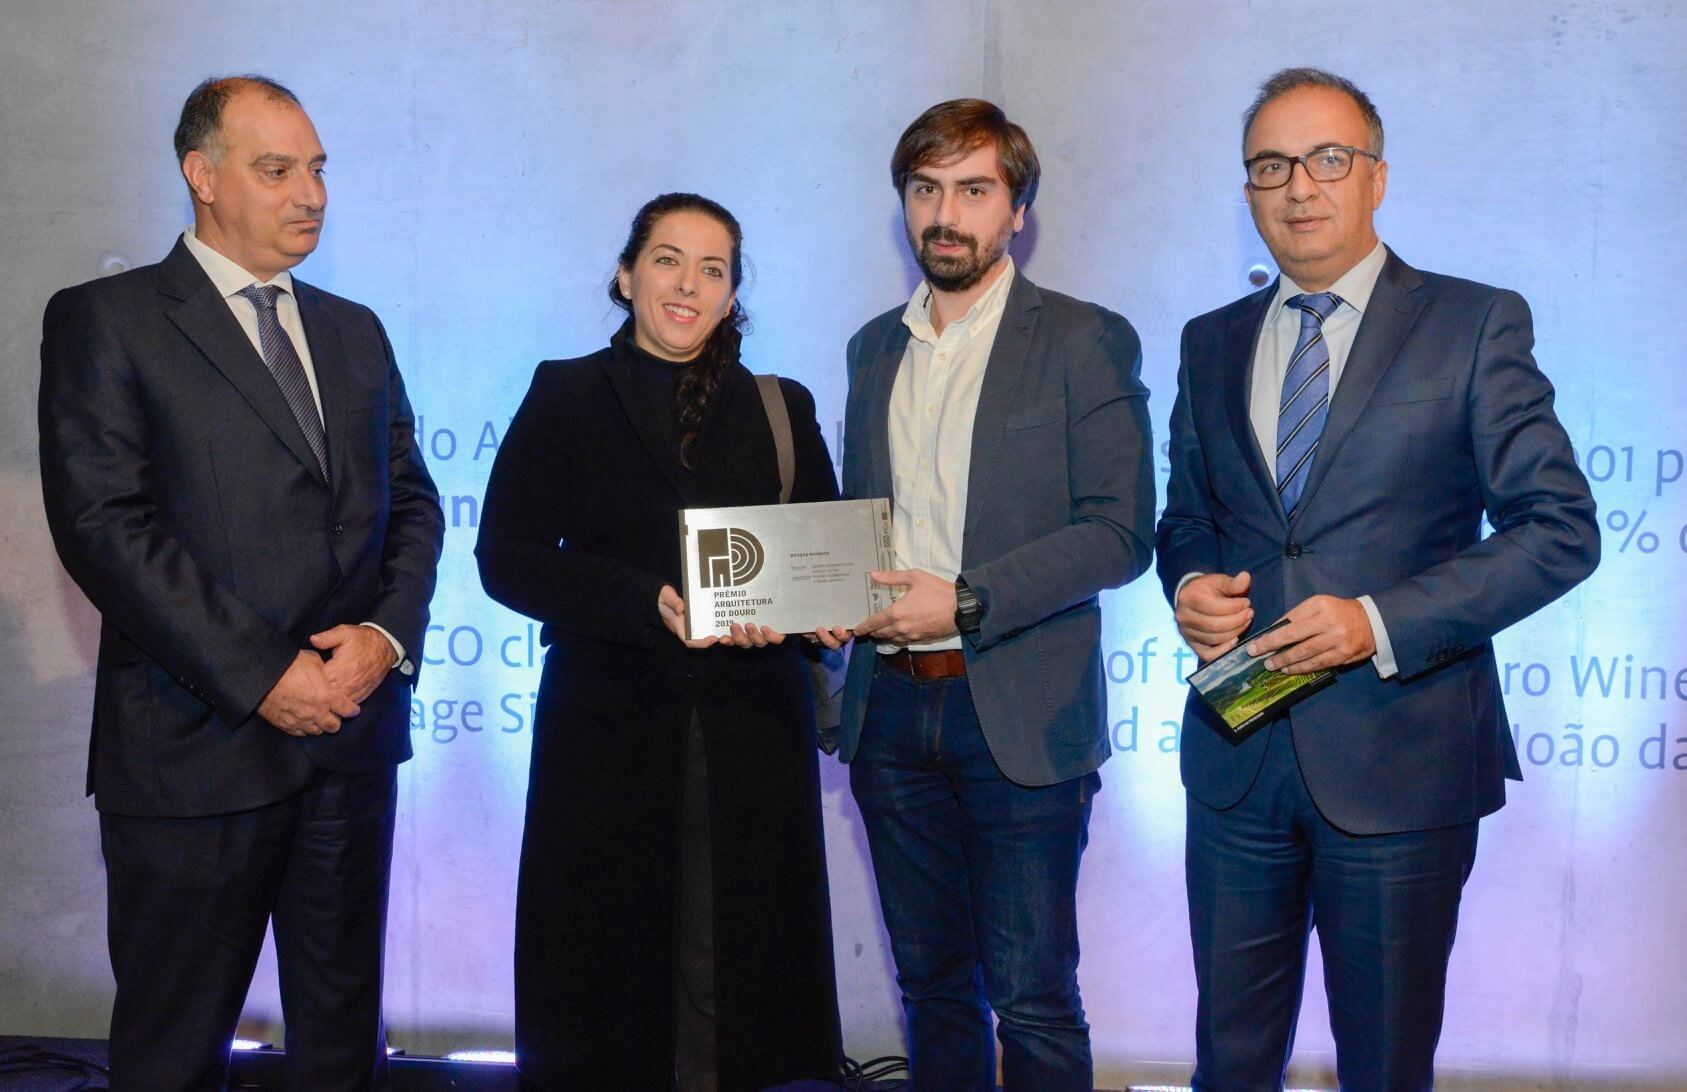 Souto Moura vencedor do Prémio Arquitetura do Douro com Central Hidroelétrica do Tua